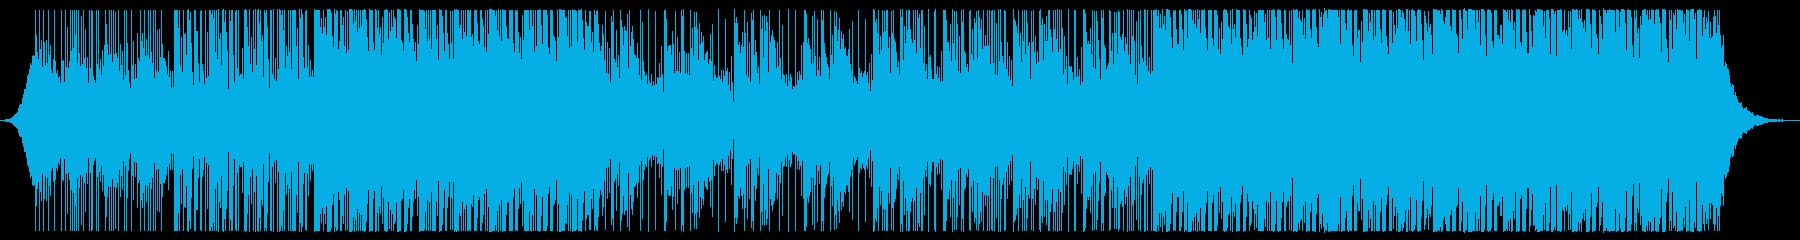 アンビエントコーポレートトラックの再生済みの波形